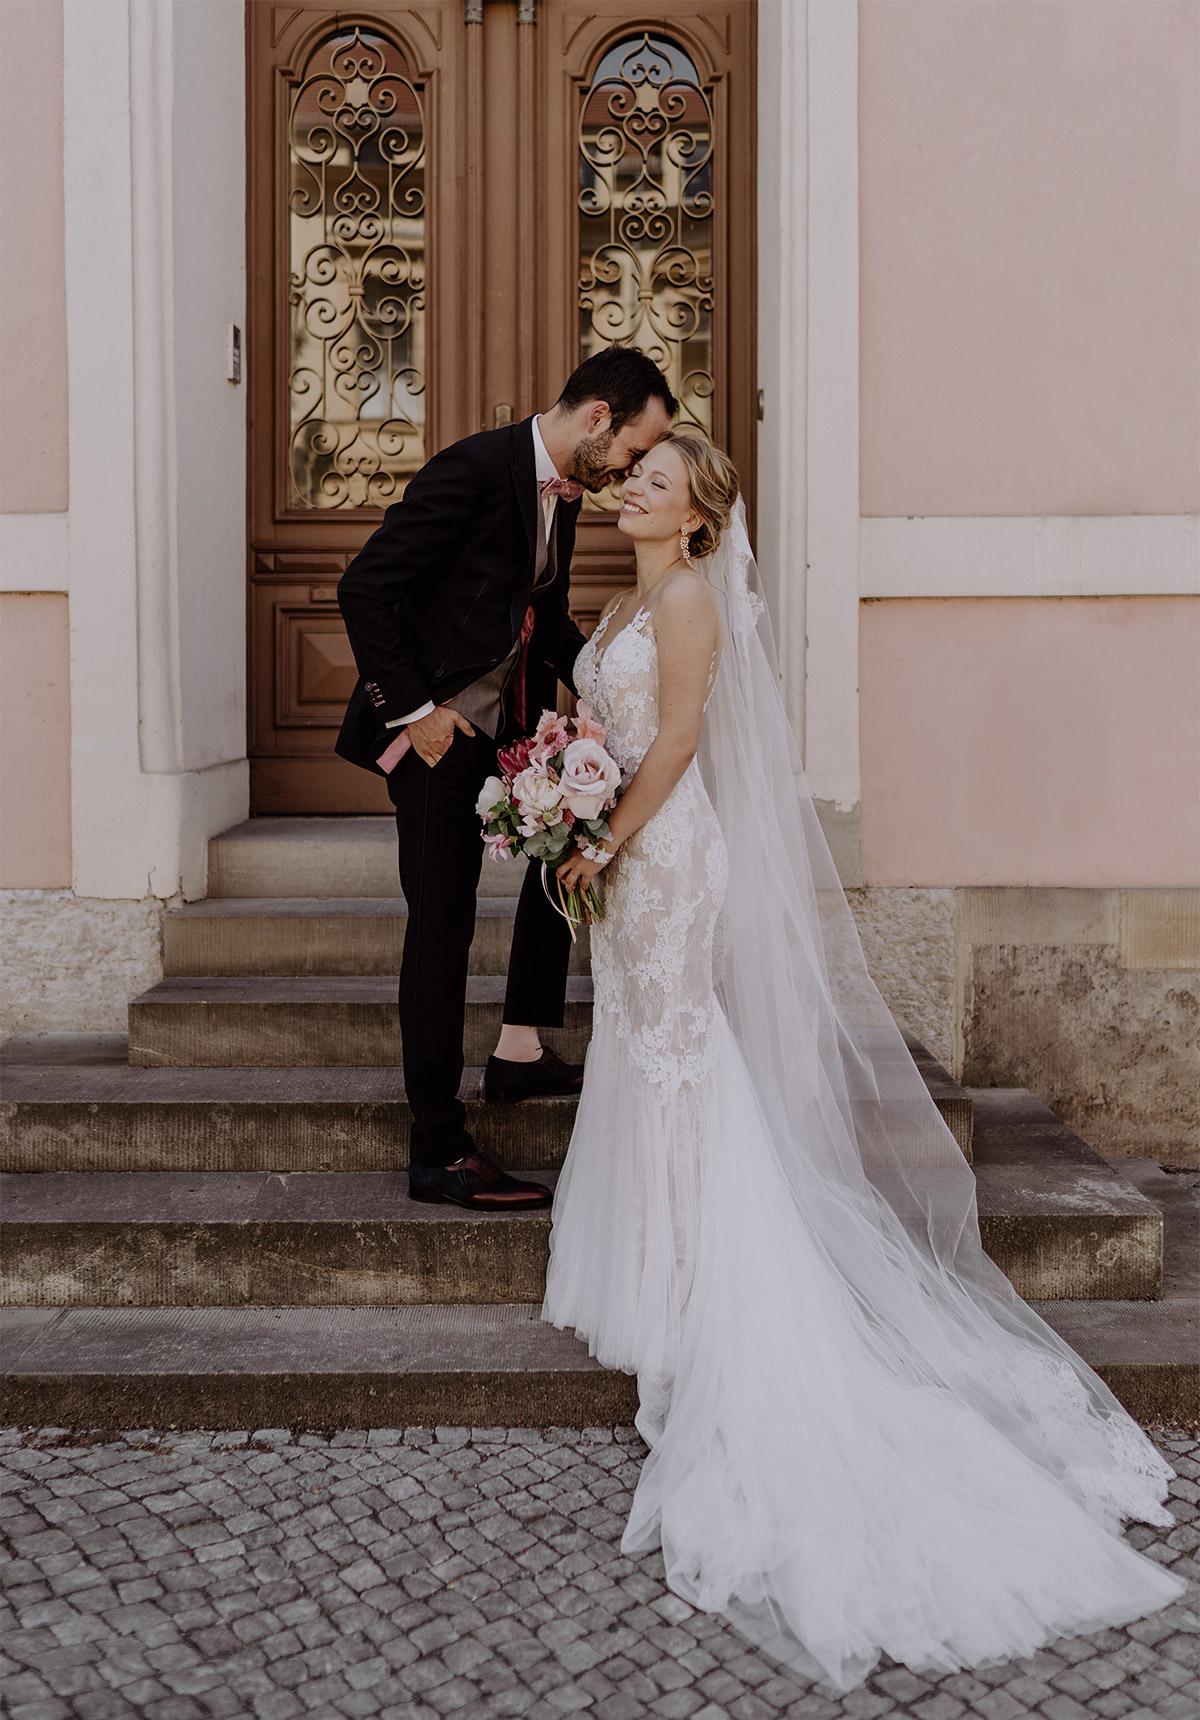 verspieltes Brautpaarfoto vor rosa Hausfassade - Schloss Glienicke Hochzeitsfotograf Potsdam © www.hochzeitslicht.de